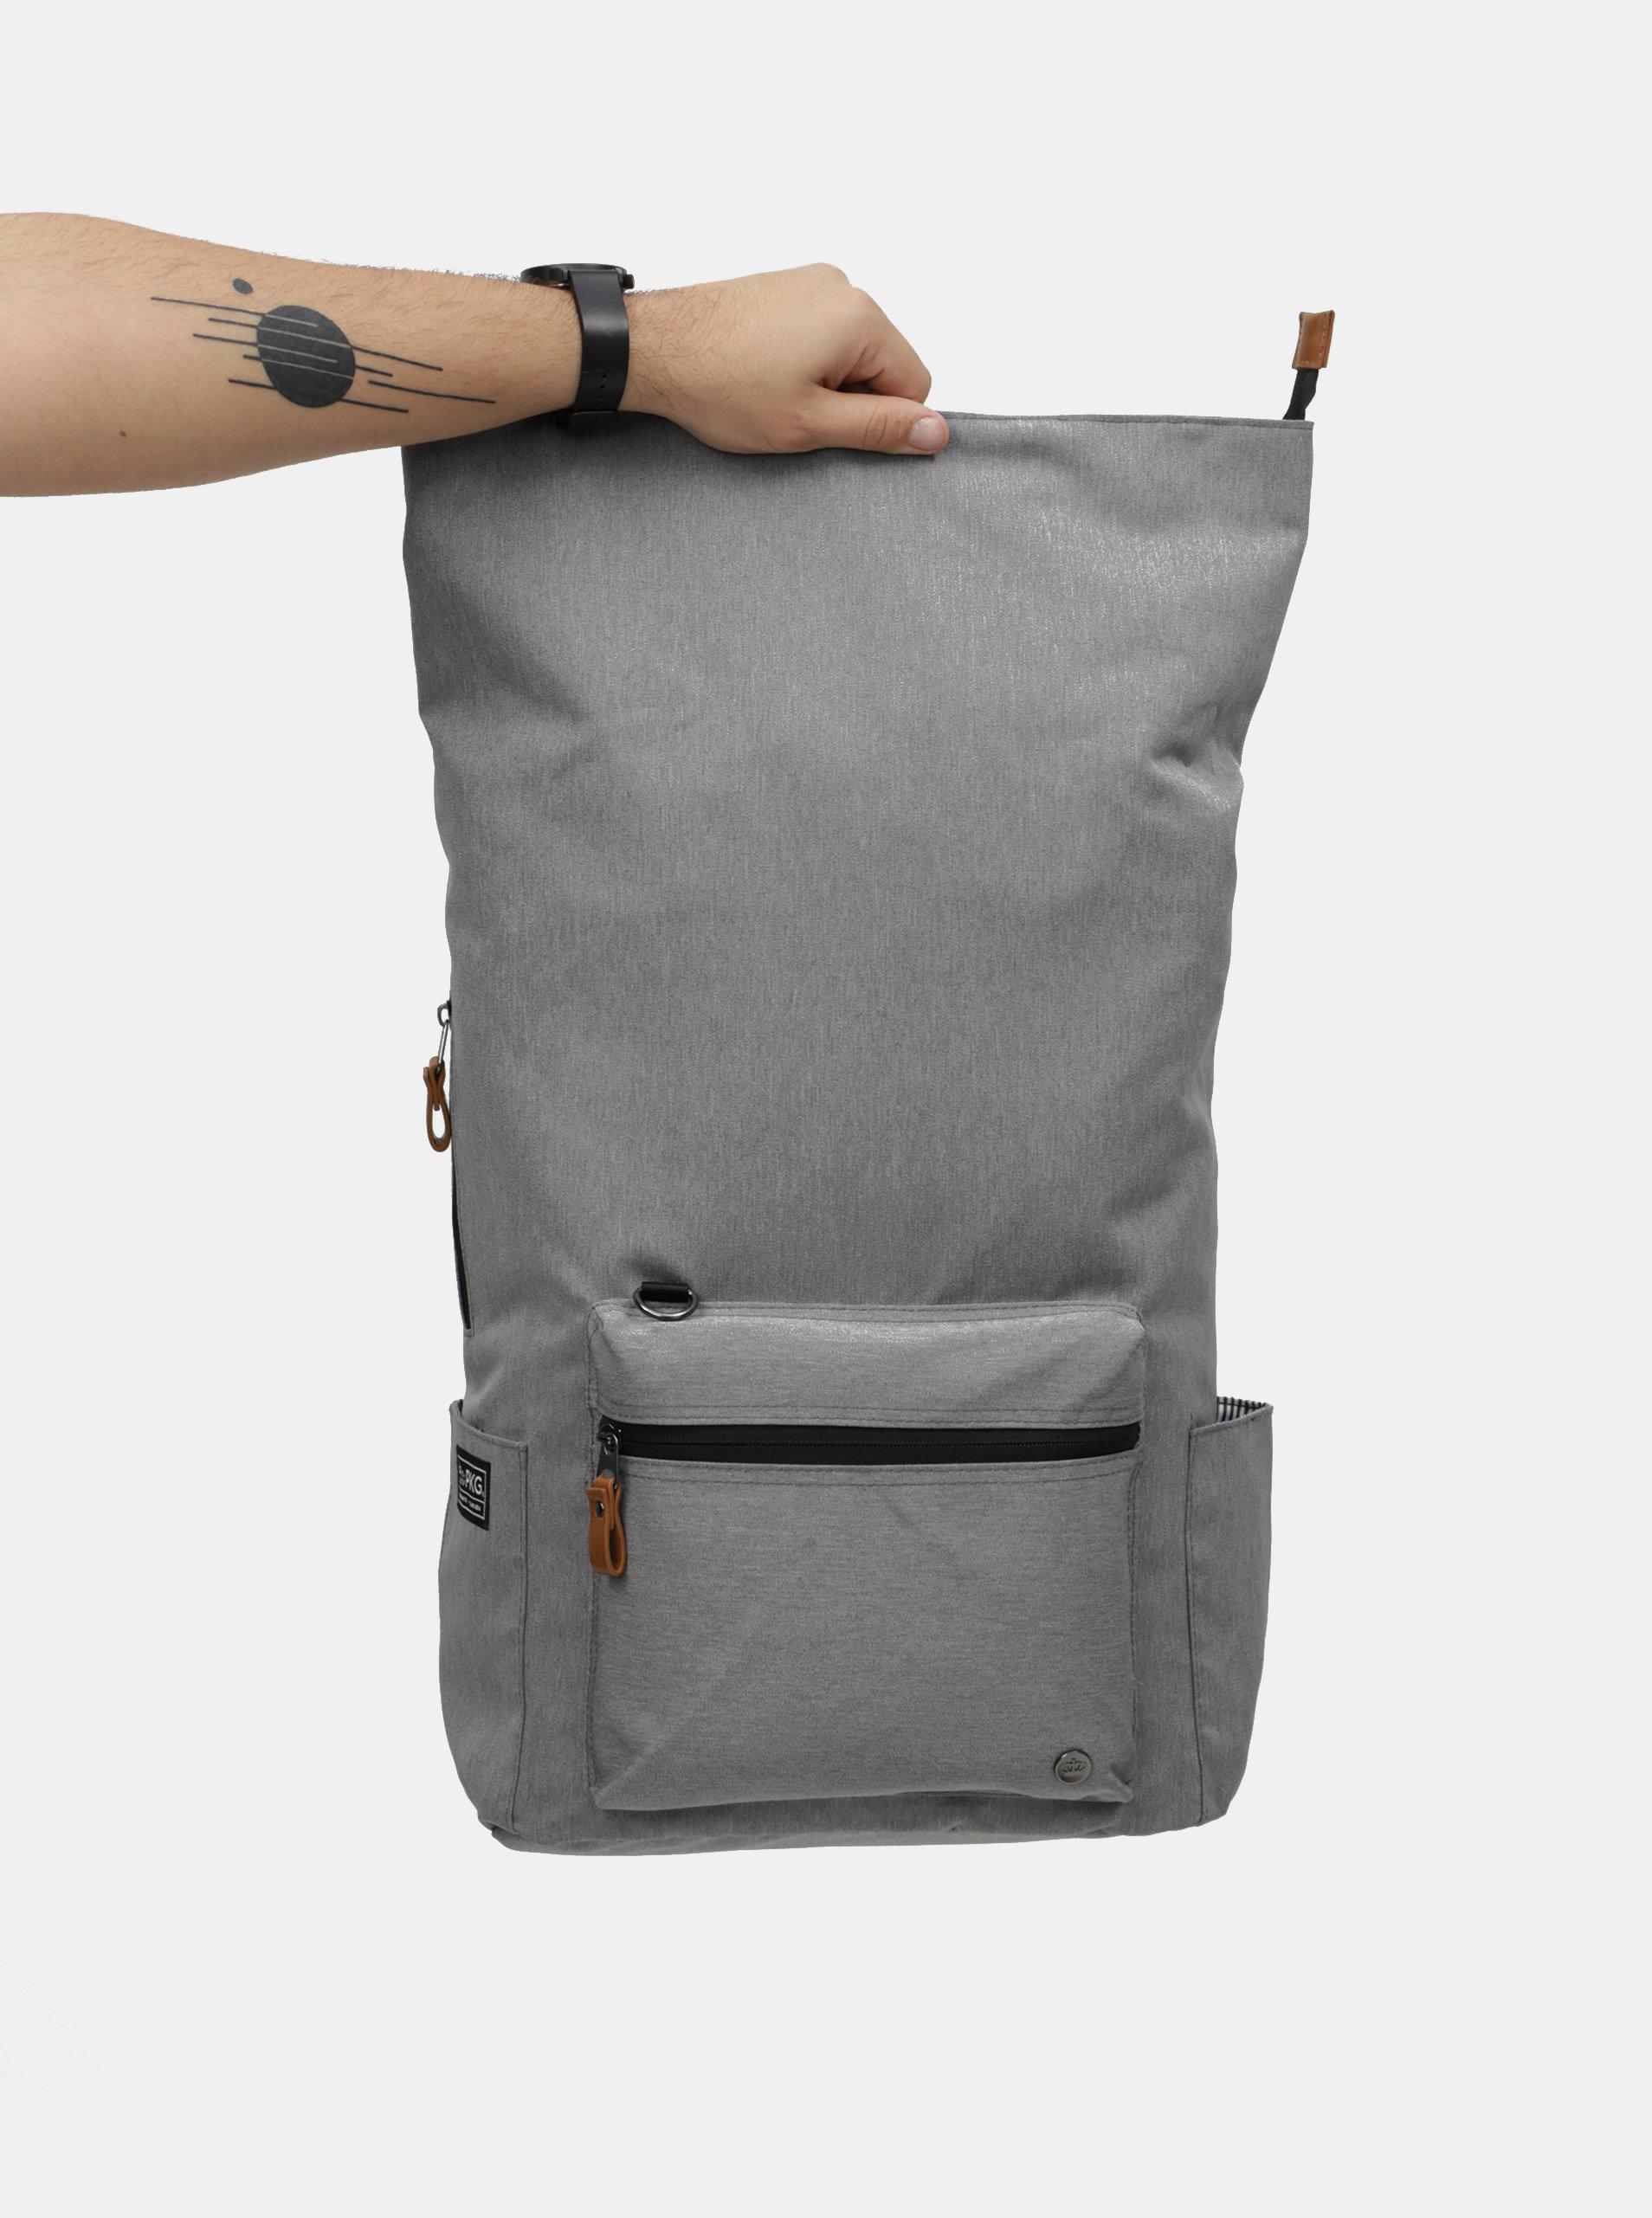 Šedý nepromokavý batoh s vnitřní taškou na notebook 2v1 PKG 22 l ... 97e47b7906